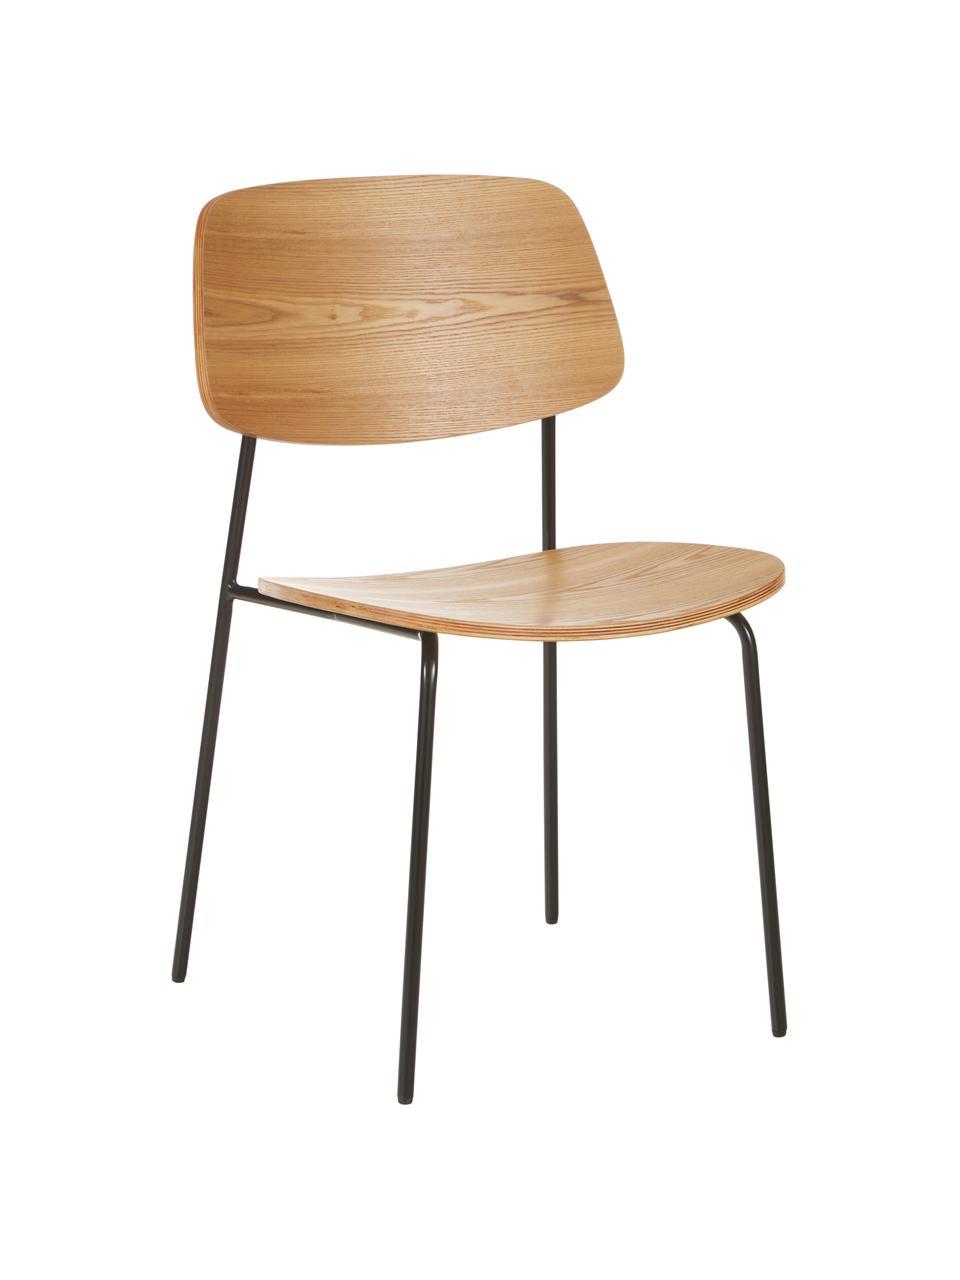 Krzesło z drewna Nadja, 2 szt., Nogi: metal malowany proszkowo, Fornir z drewna jesionowego, S 50 x G 53 cm